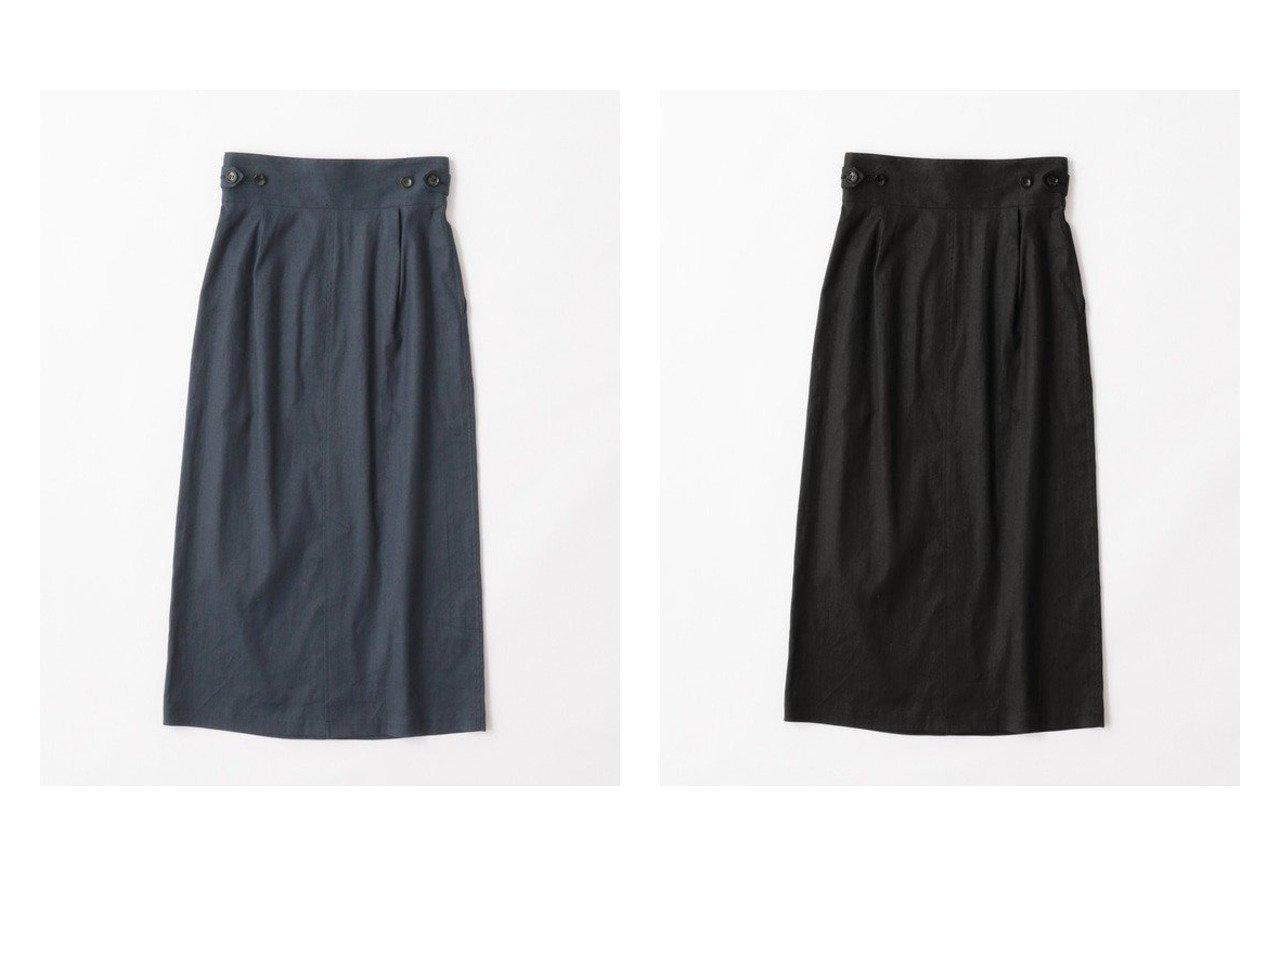 【uncrave/アンクレイヴ】のベルジアンリネンハイウエスト スカート スカートのおすすめ!人気、トレンド・レディースファッションの通販 おすすめで人気の流行・トレンド、ファッションの通販商品 メンズファッション・キッズファッション・インテリア・家具・レディースファッション・服の通販 founy(ファニー) https://founy.com/ ファッション Fashion レディースファッション WOMEN スカート Skirt 送料無料 Free Shipping ジャケット ストレッチ タイトスカート バランス リネン |ID:crp329100000014669